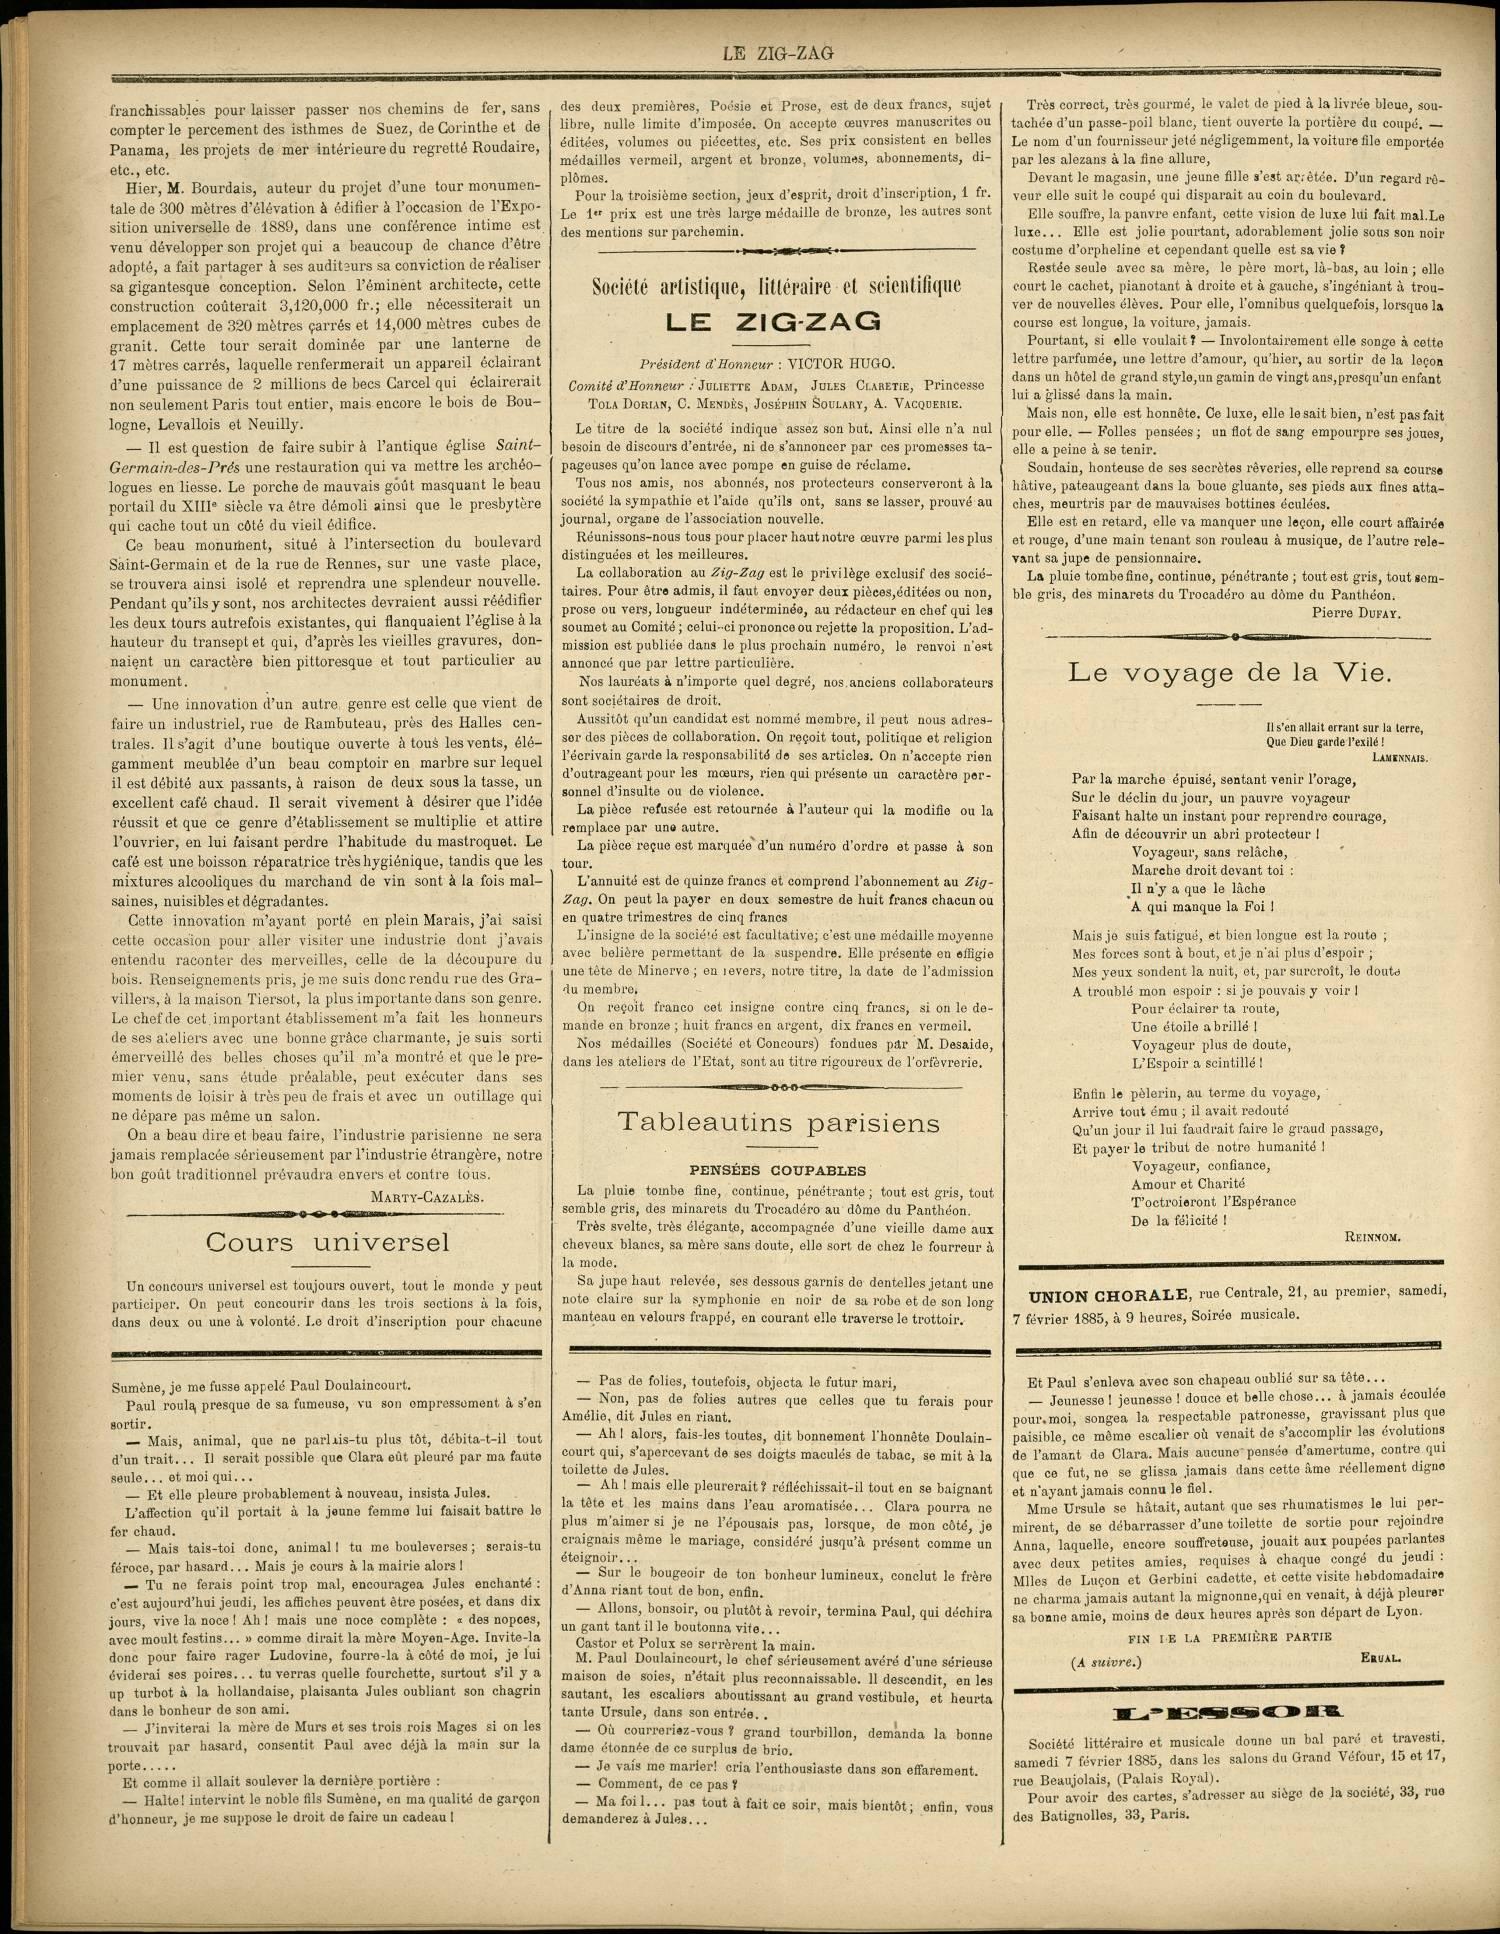 Contenu textuel de l'image : Tableautins parisiens